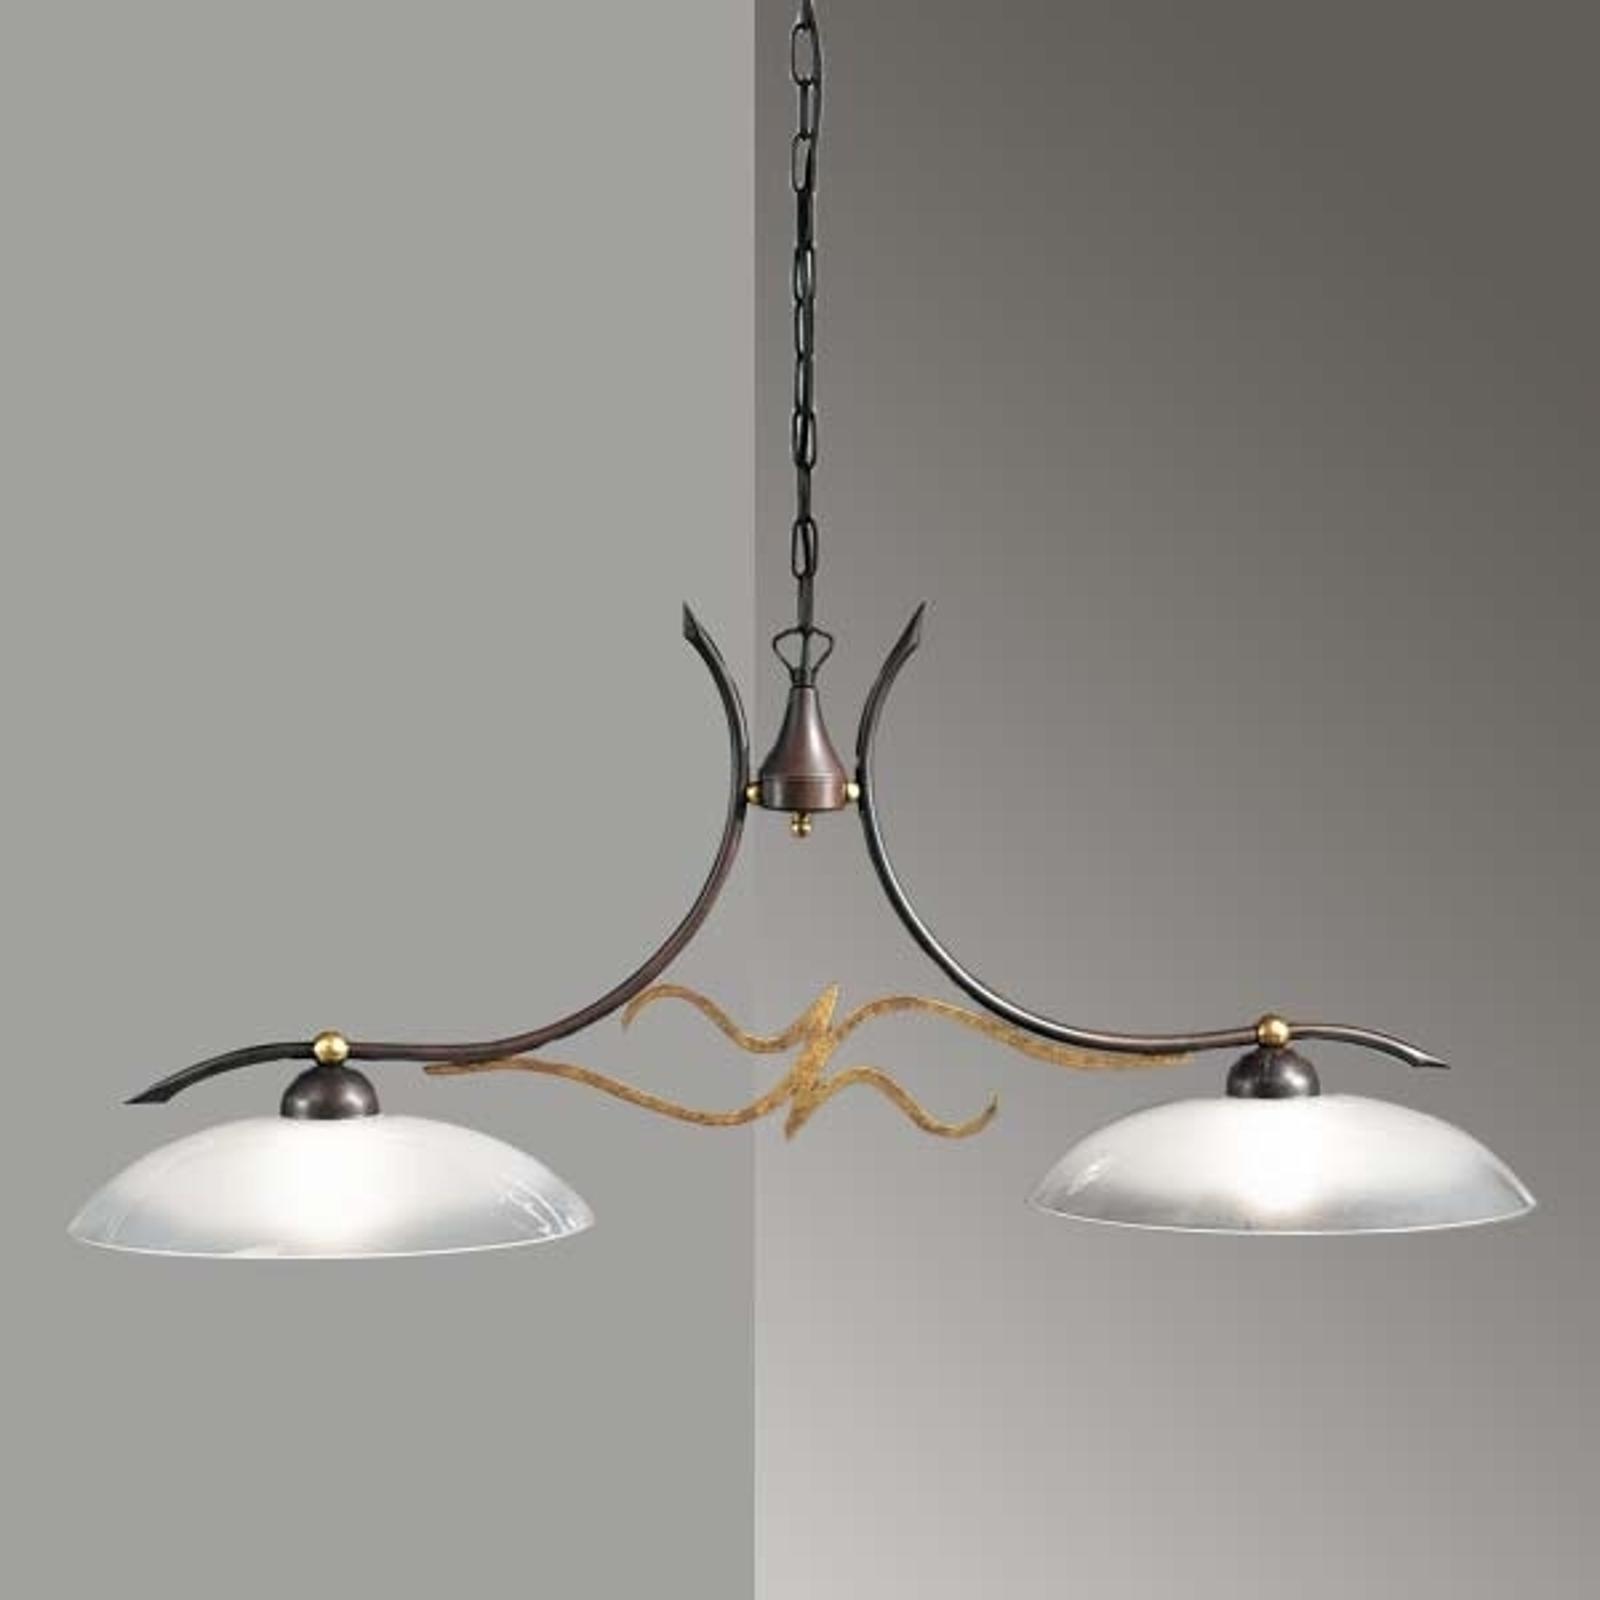 Suspension rustique AMABILE à 2 lampes